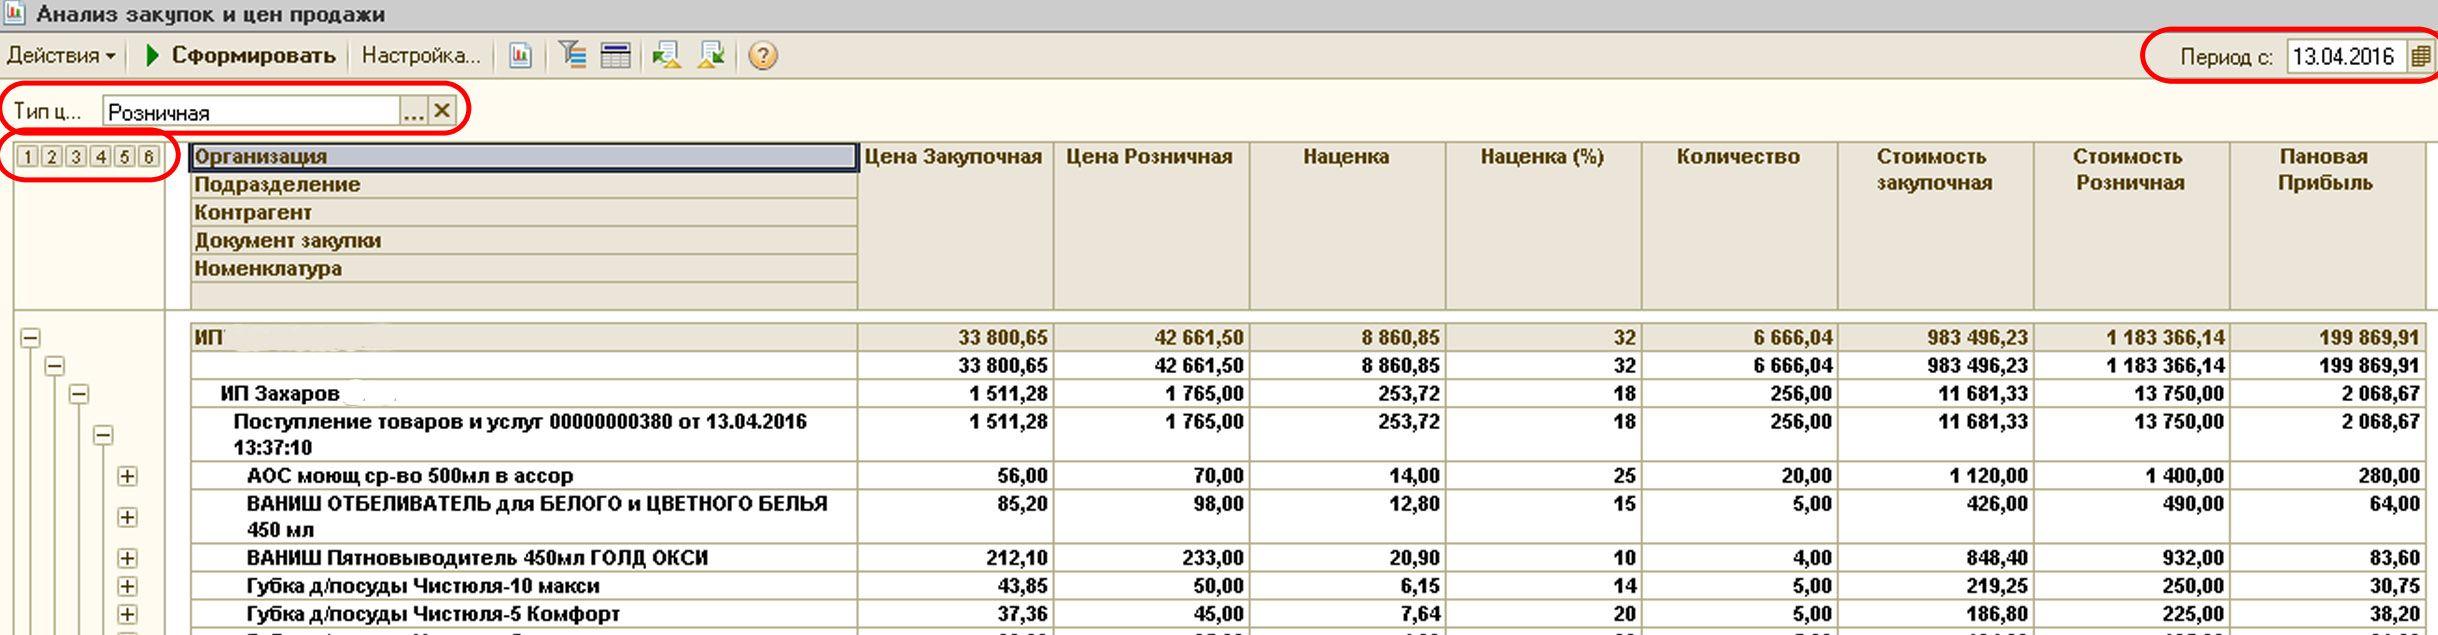 Analiz_zakupok_i_cen